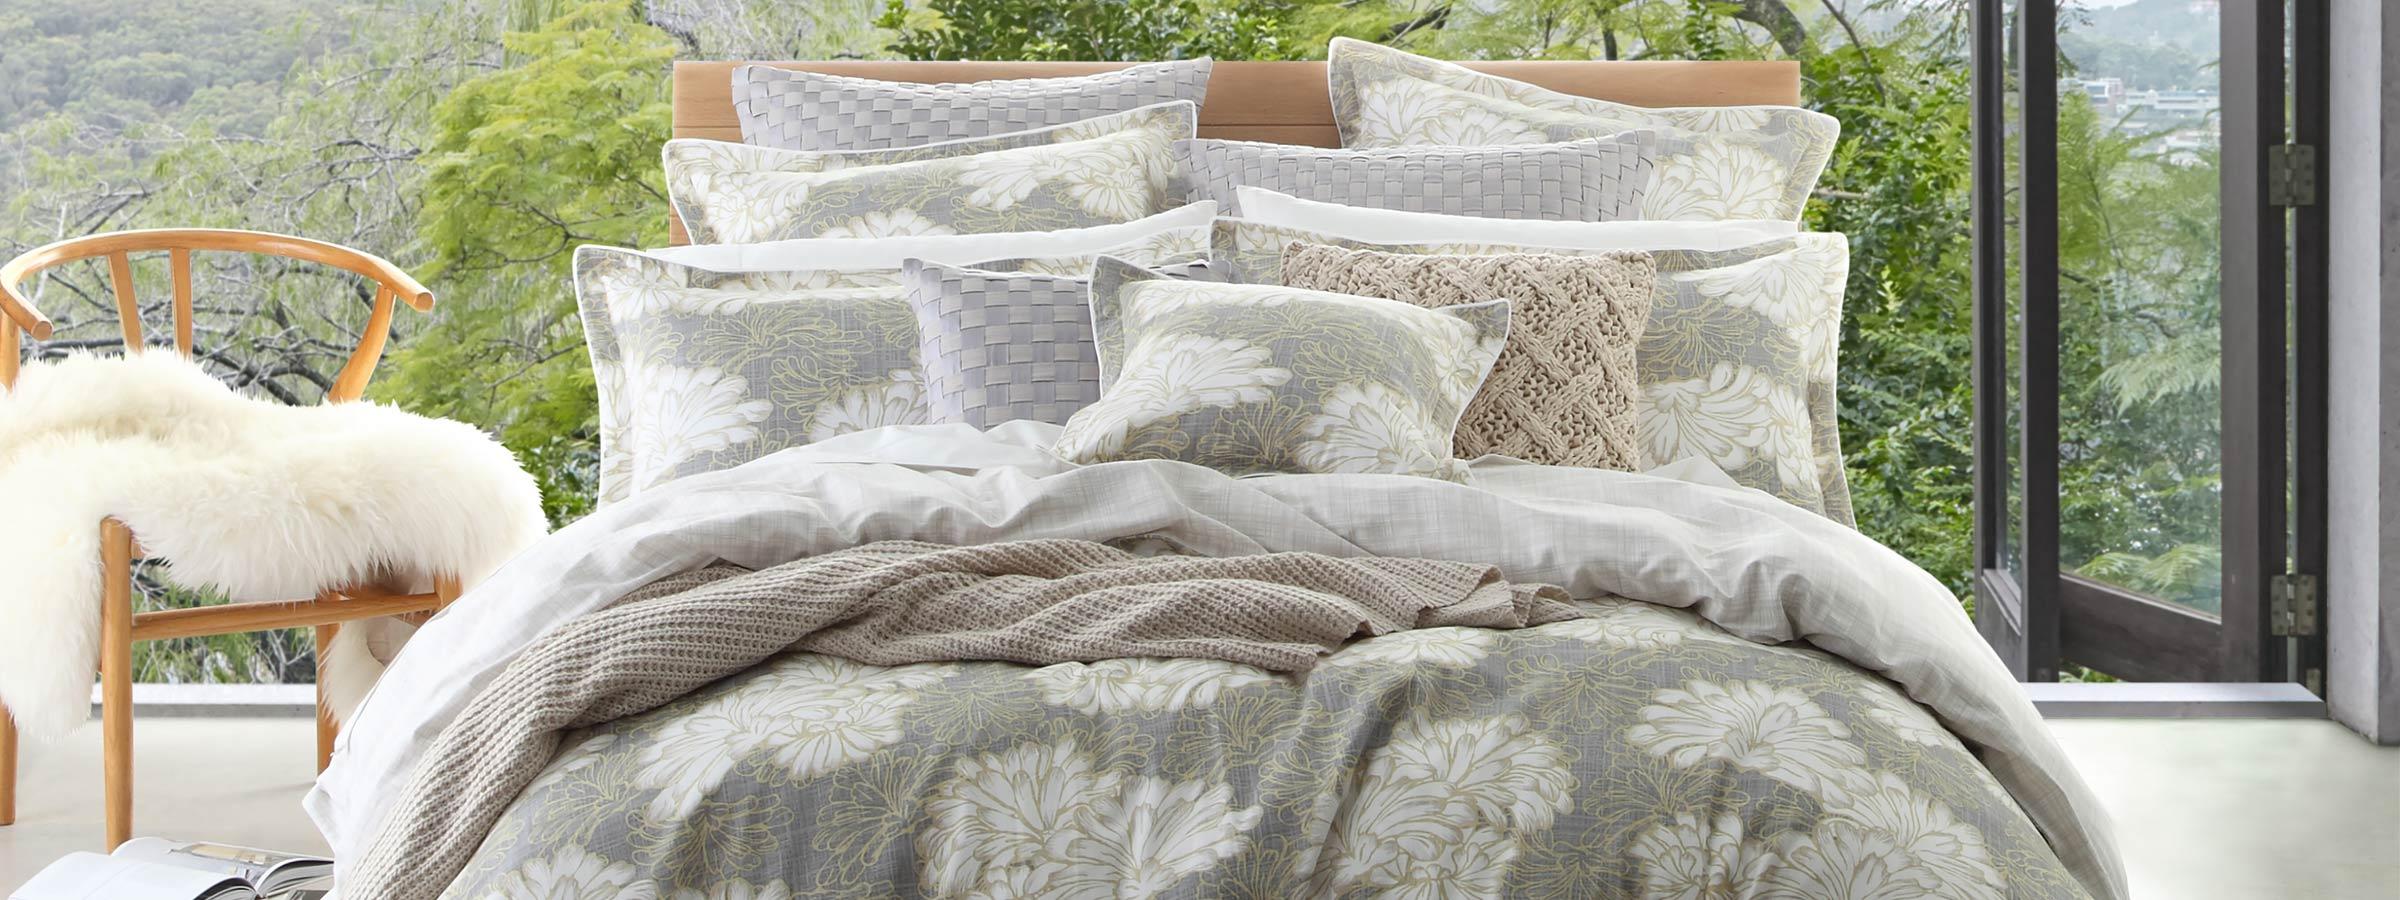 Duvet Covers Nz Bedding Amp Bed Linen Logan Amp Mason Nz